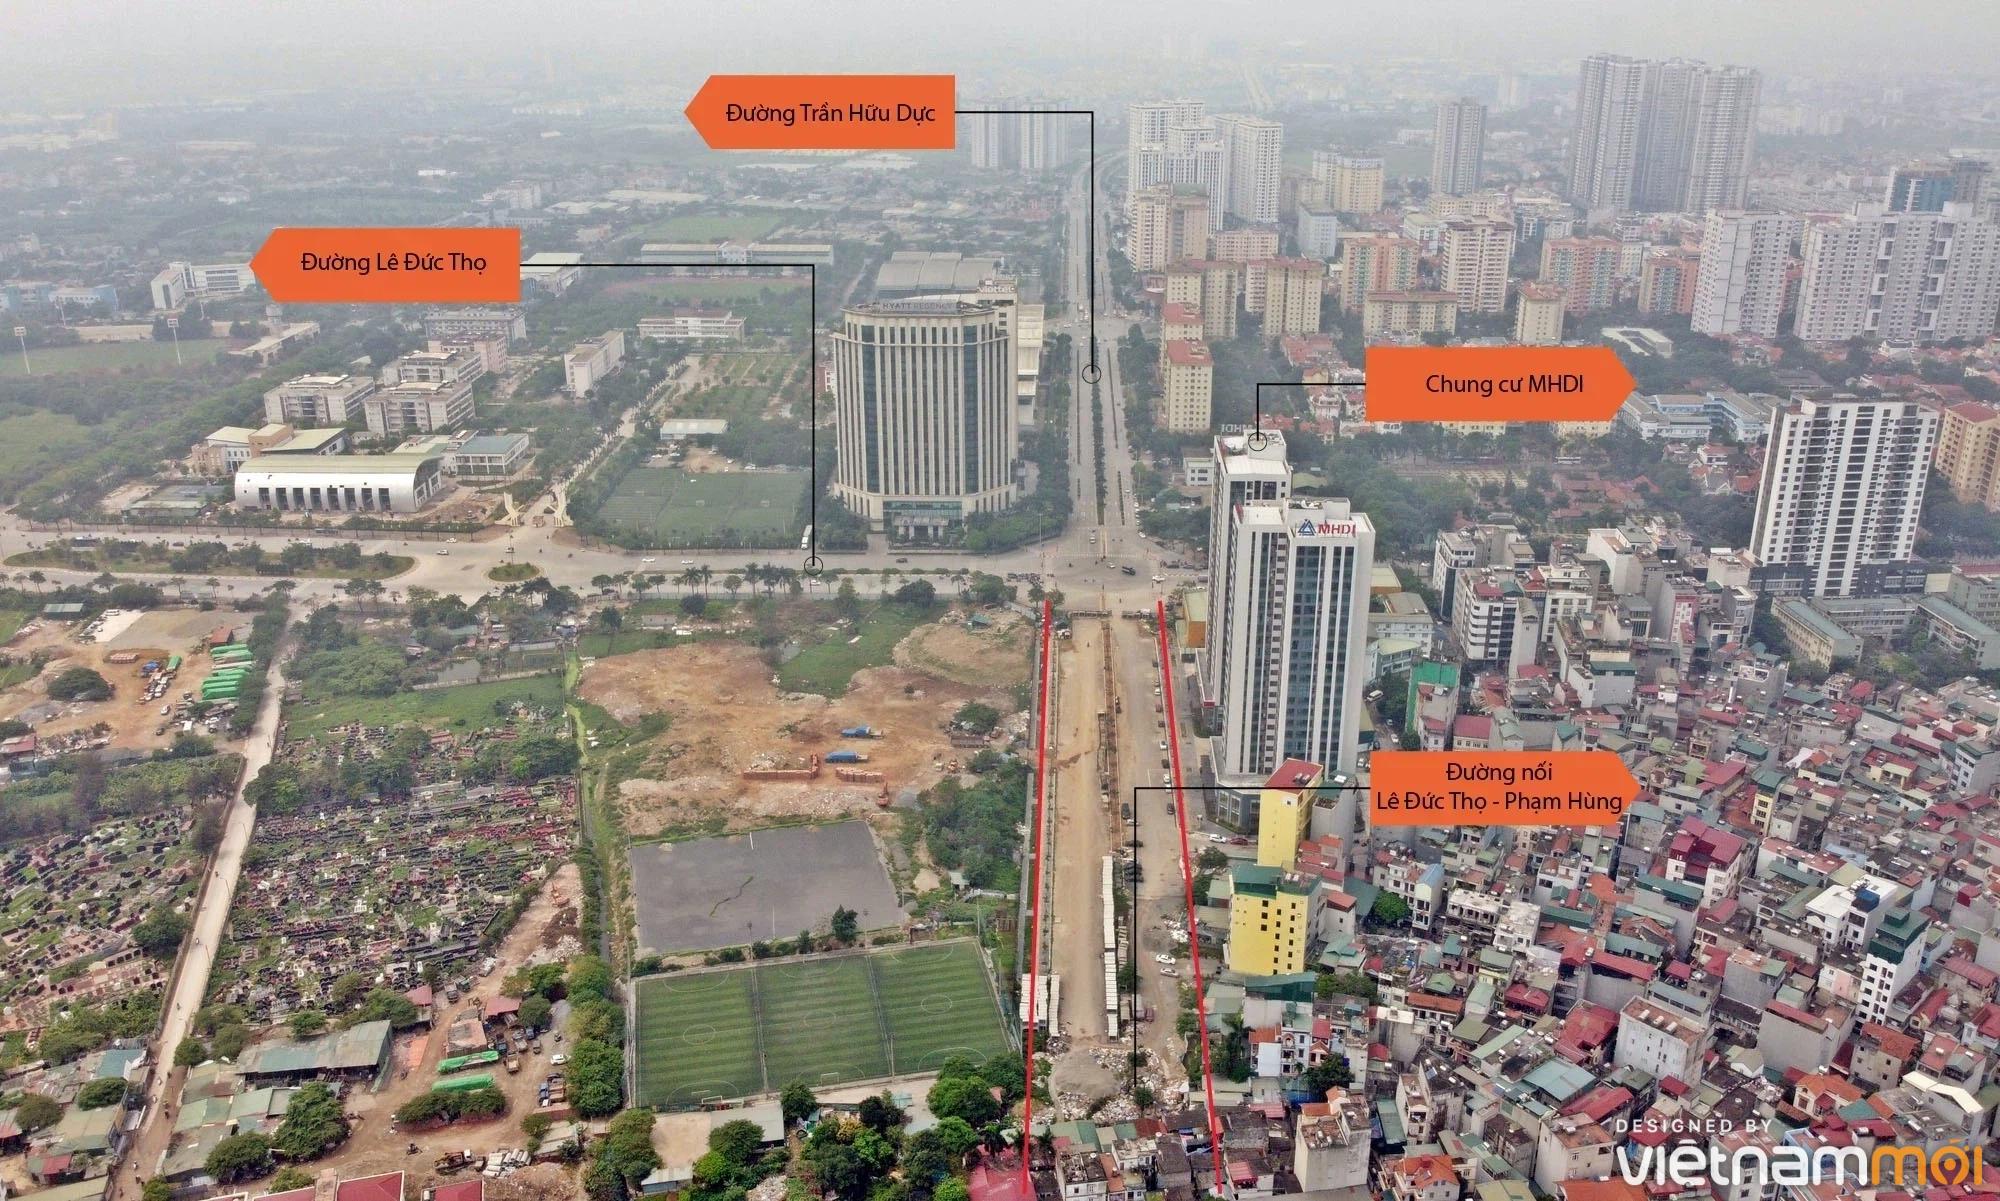 Toàn cảnh đường nối Lê Đức Thọ - Phạm Hùng đang mở theo quy hoạch ở Hà Nội - Ảnh 12.